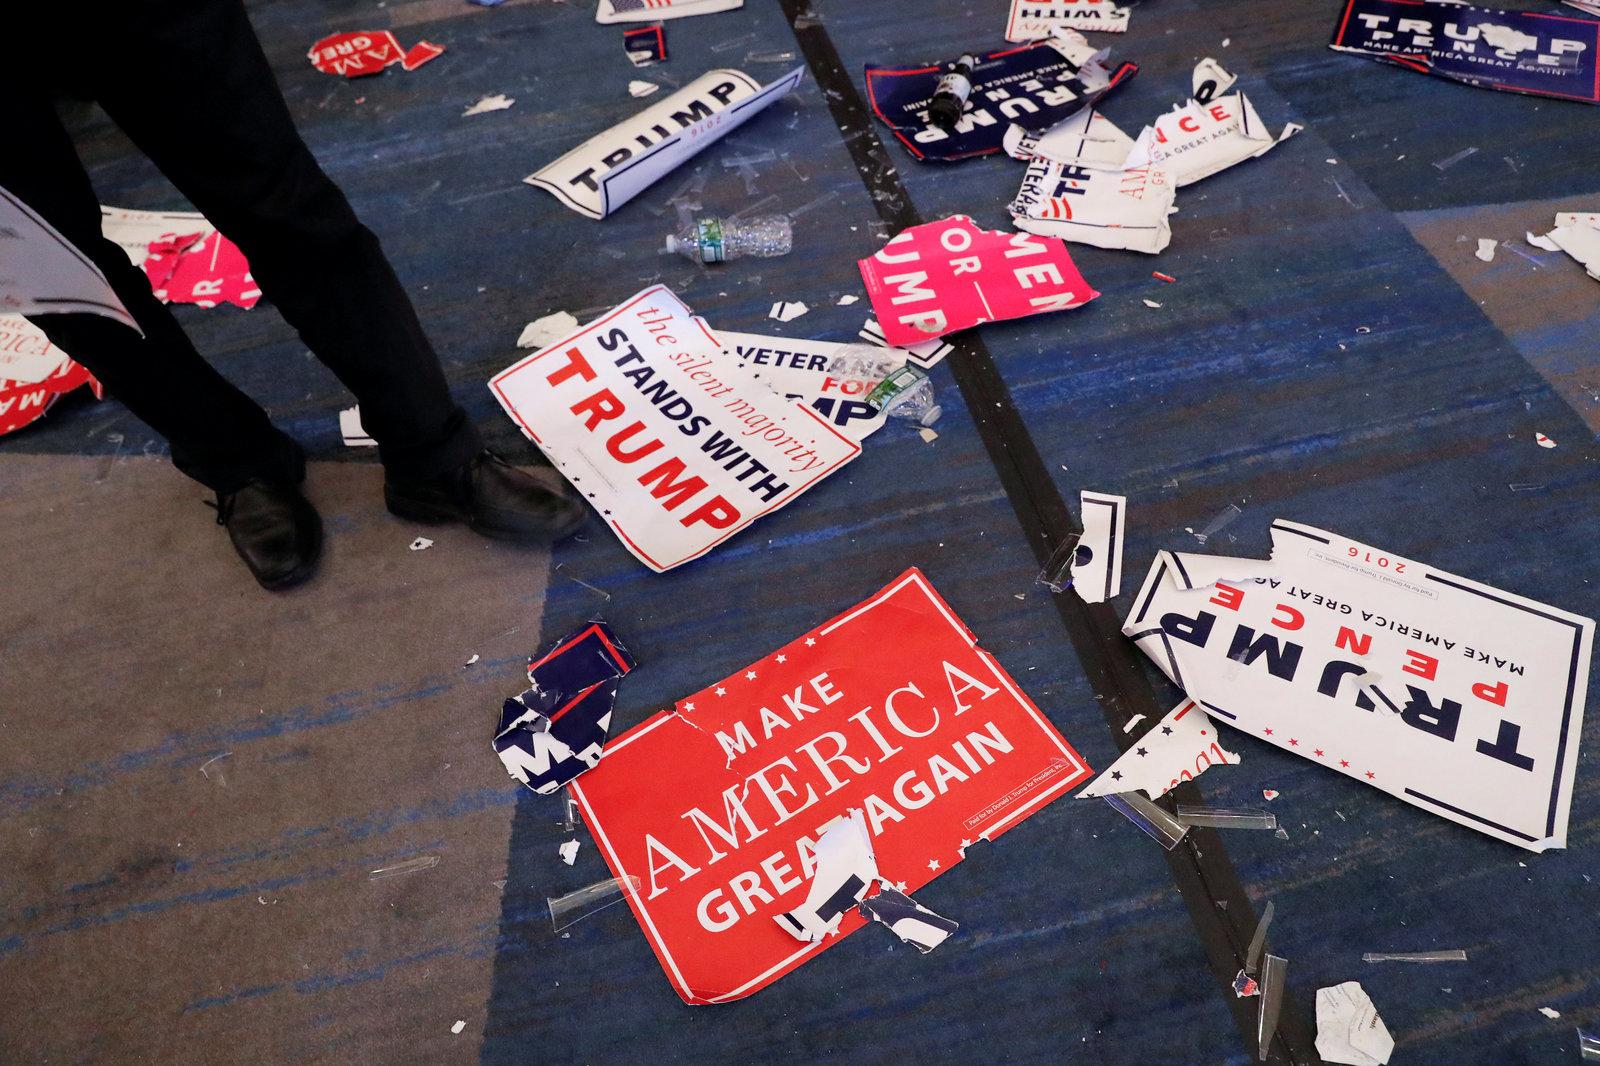 在紐約曼克頓,杜林普的支持者集會結束,標語頓成廢紙,散落一地,任人踐踏。圖片來源:路透社